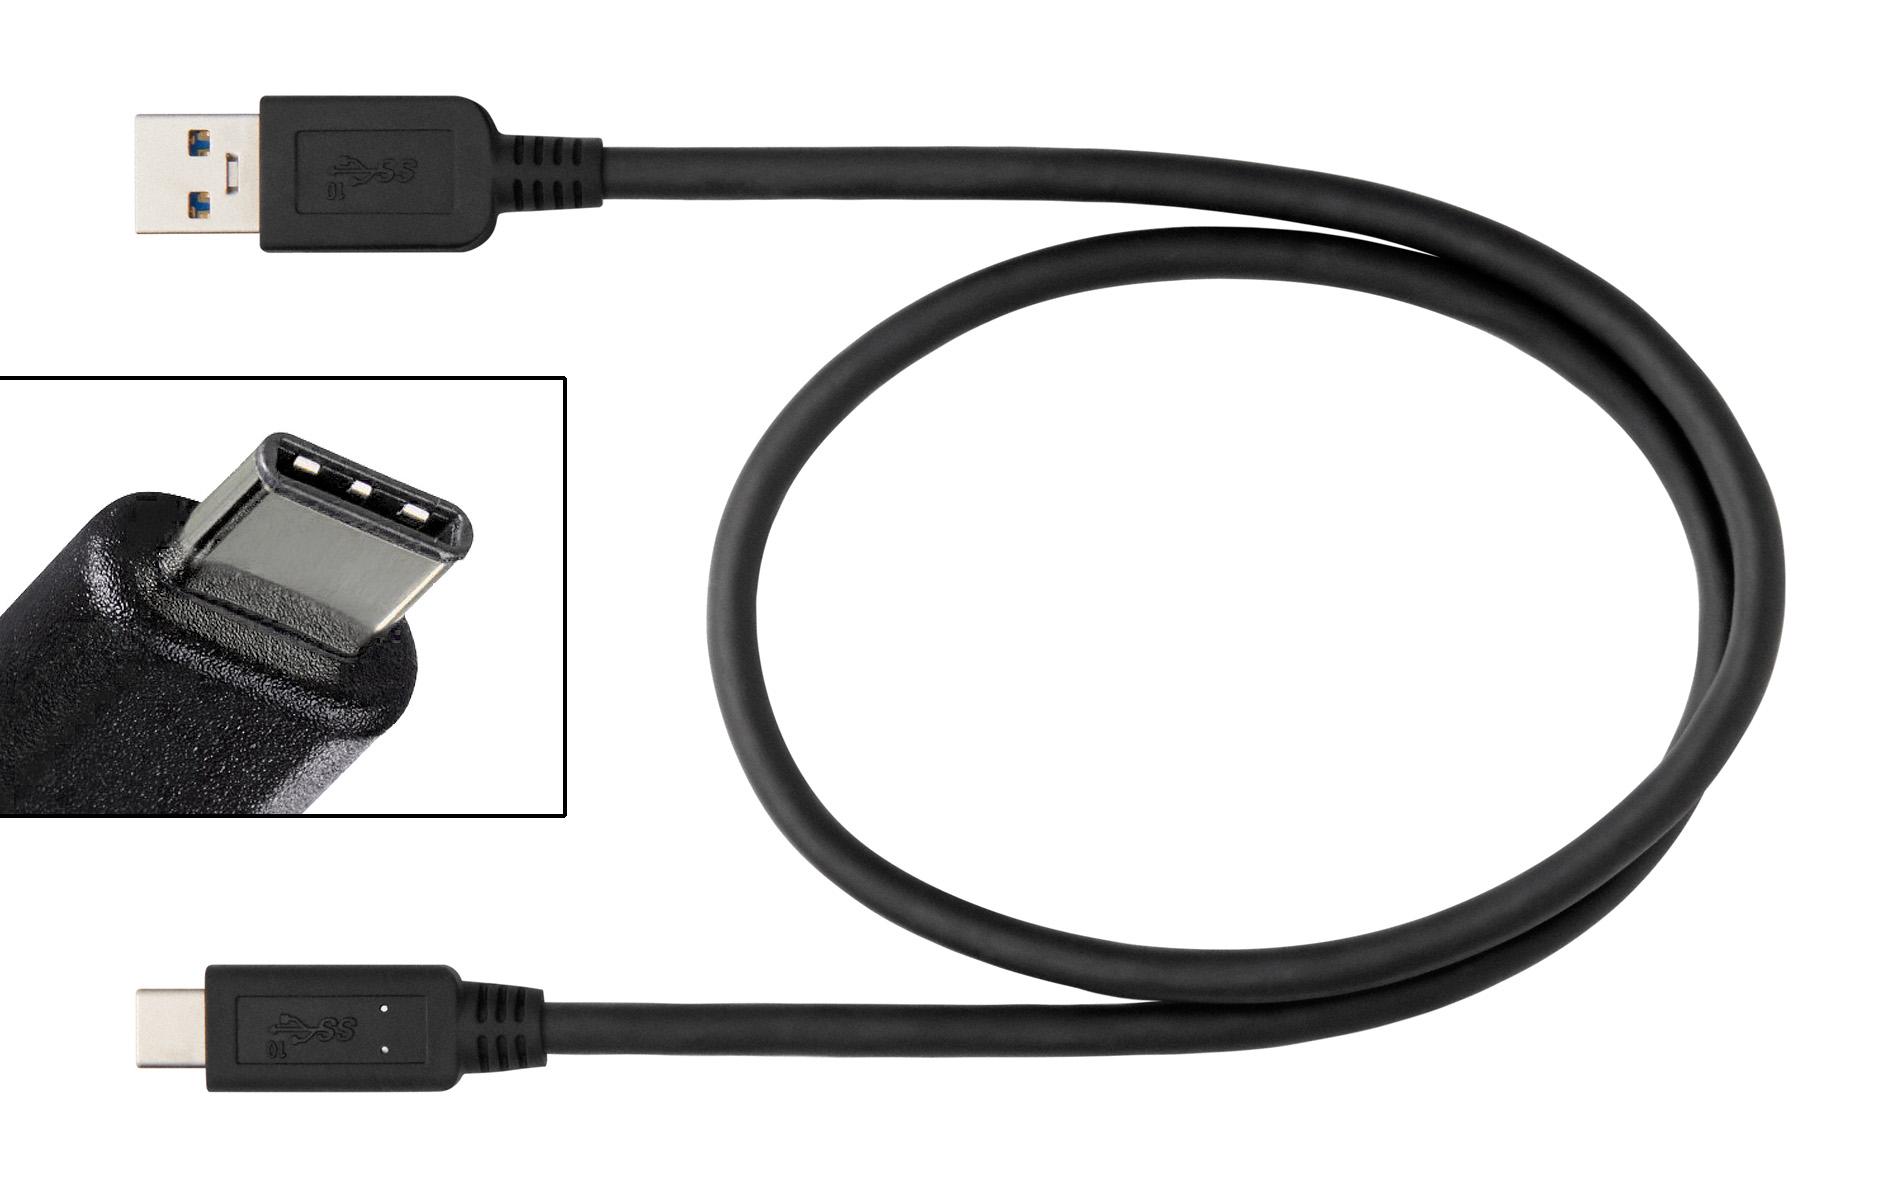 USB-C kabel UC-E24 najdete ve standardním balení fotoaparátu